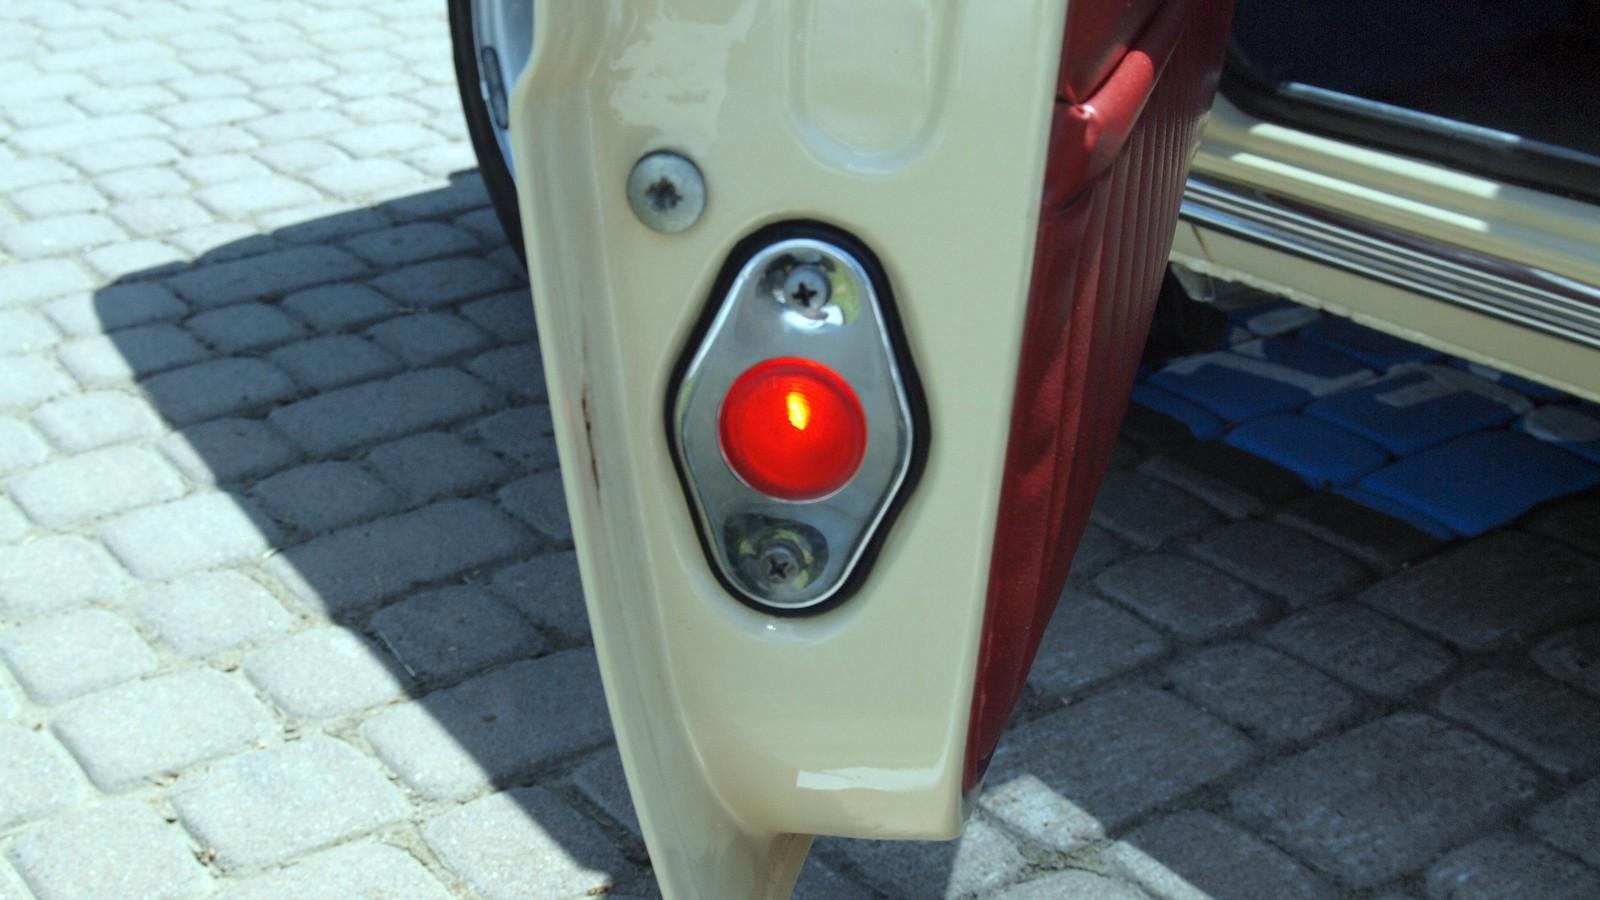 Сигнальный фонарь загорался при открытии передних дверей